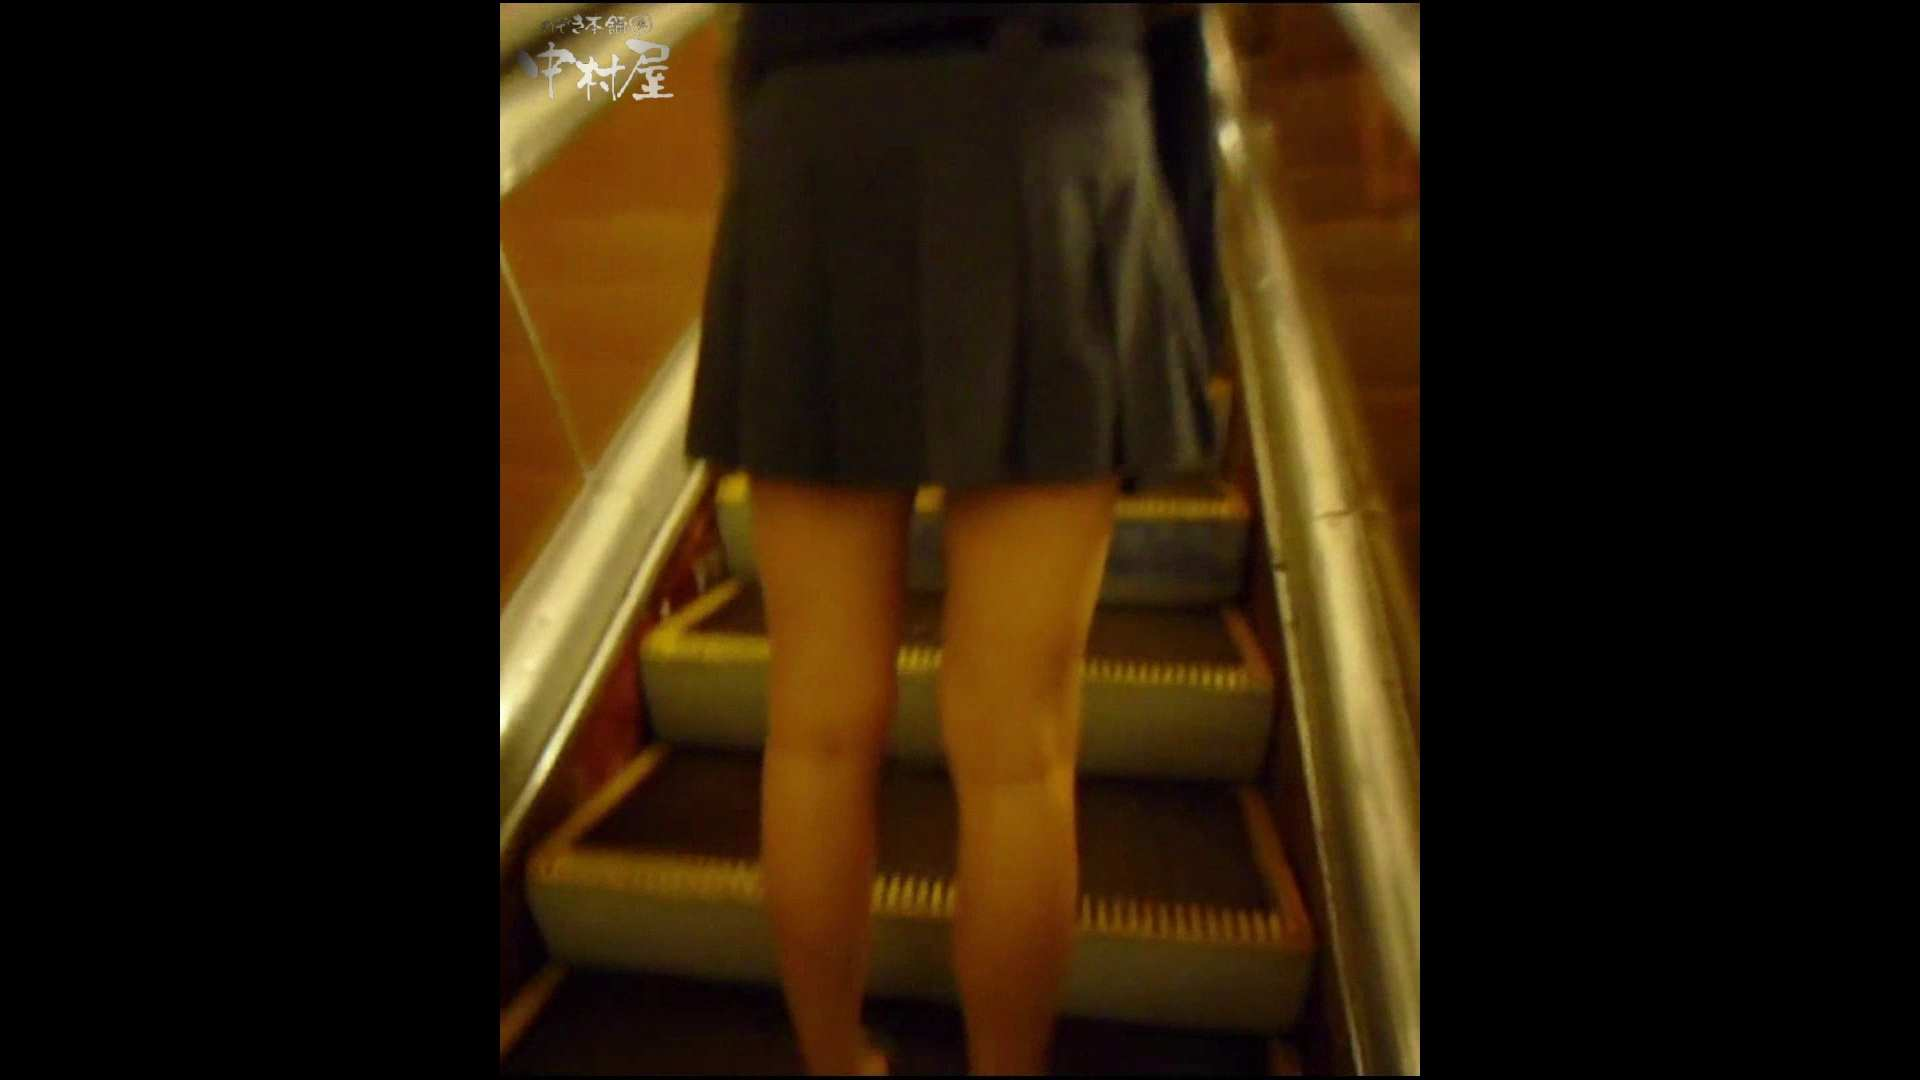 綺麗なモデルさんのスカート捲っちゃおう‼ vol26 お姉さんのエロ動画  77PIX 74